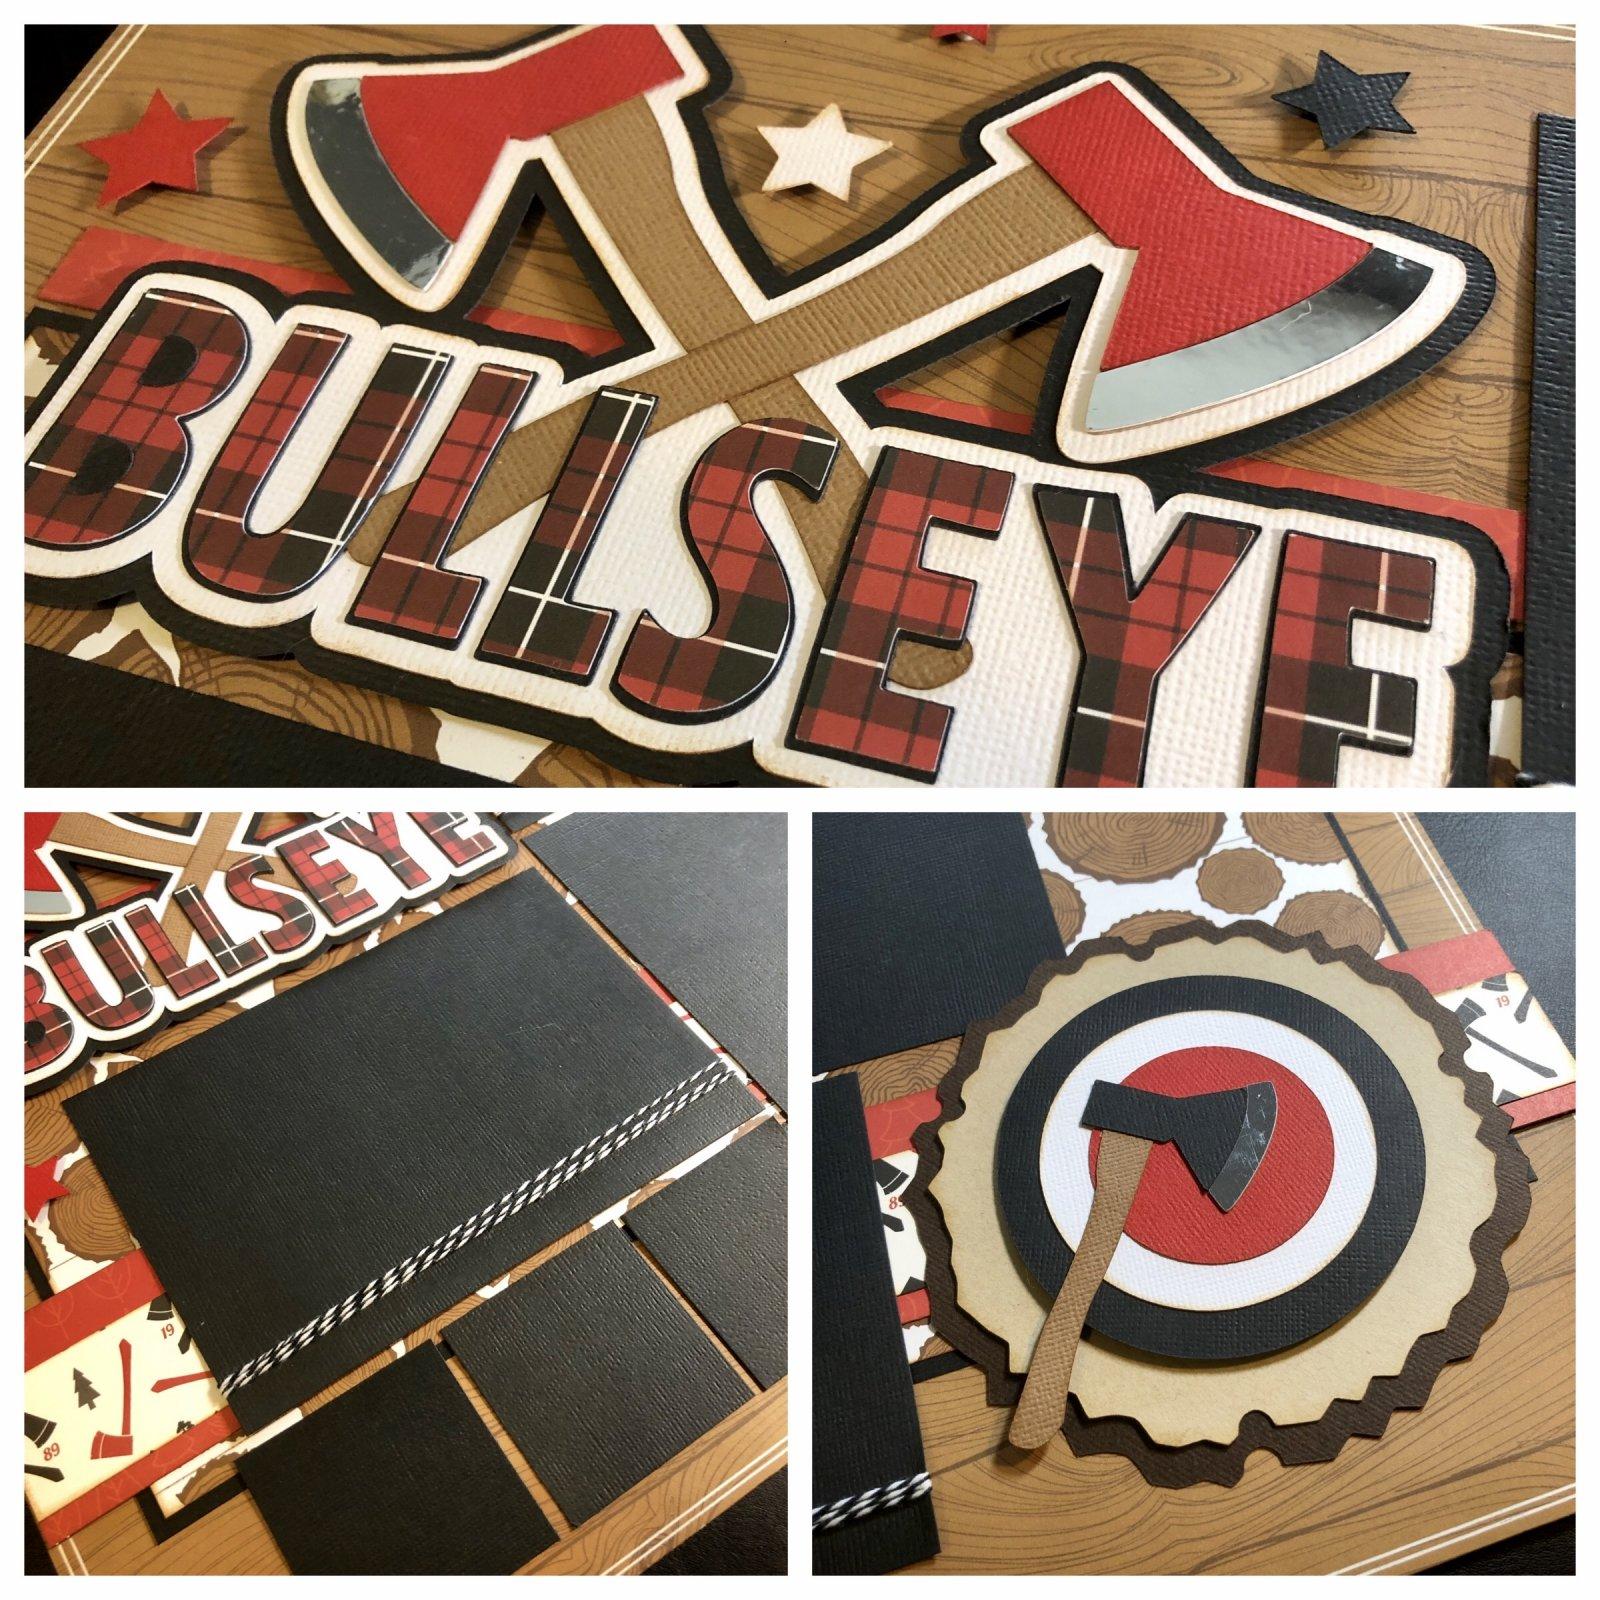 Bullseye Kit